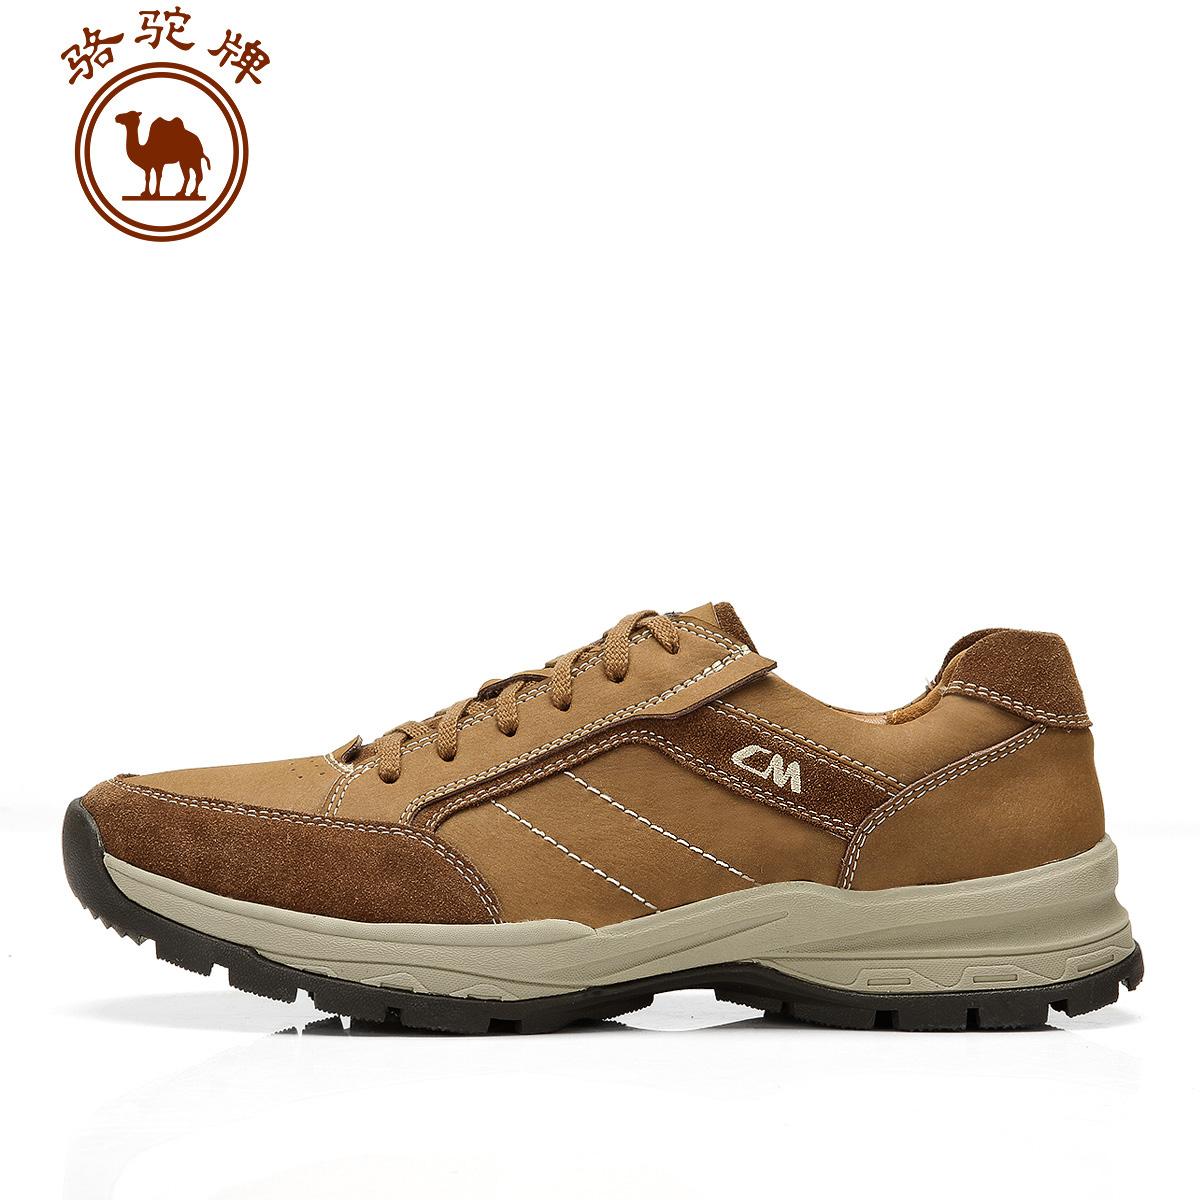 Мокасины, прогулочная обувь Camel w432330065 Camel